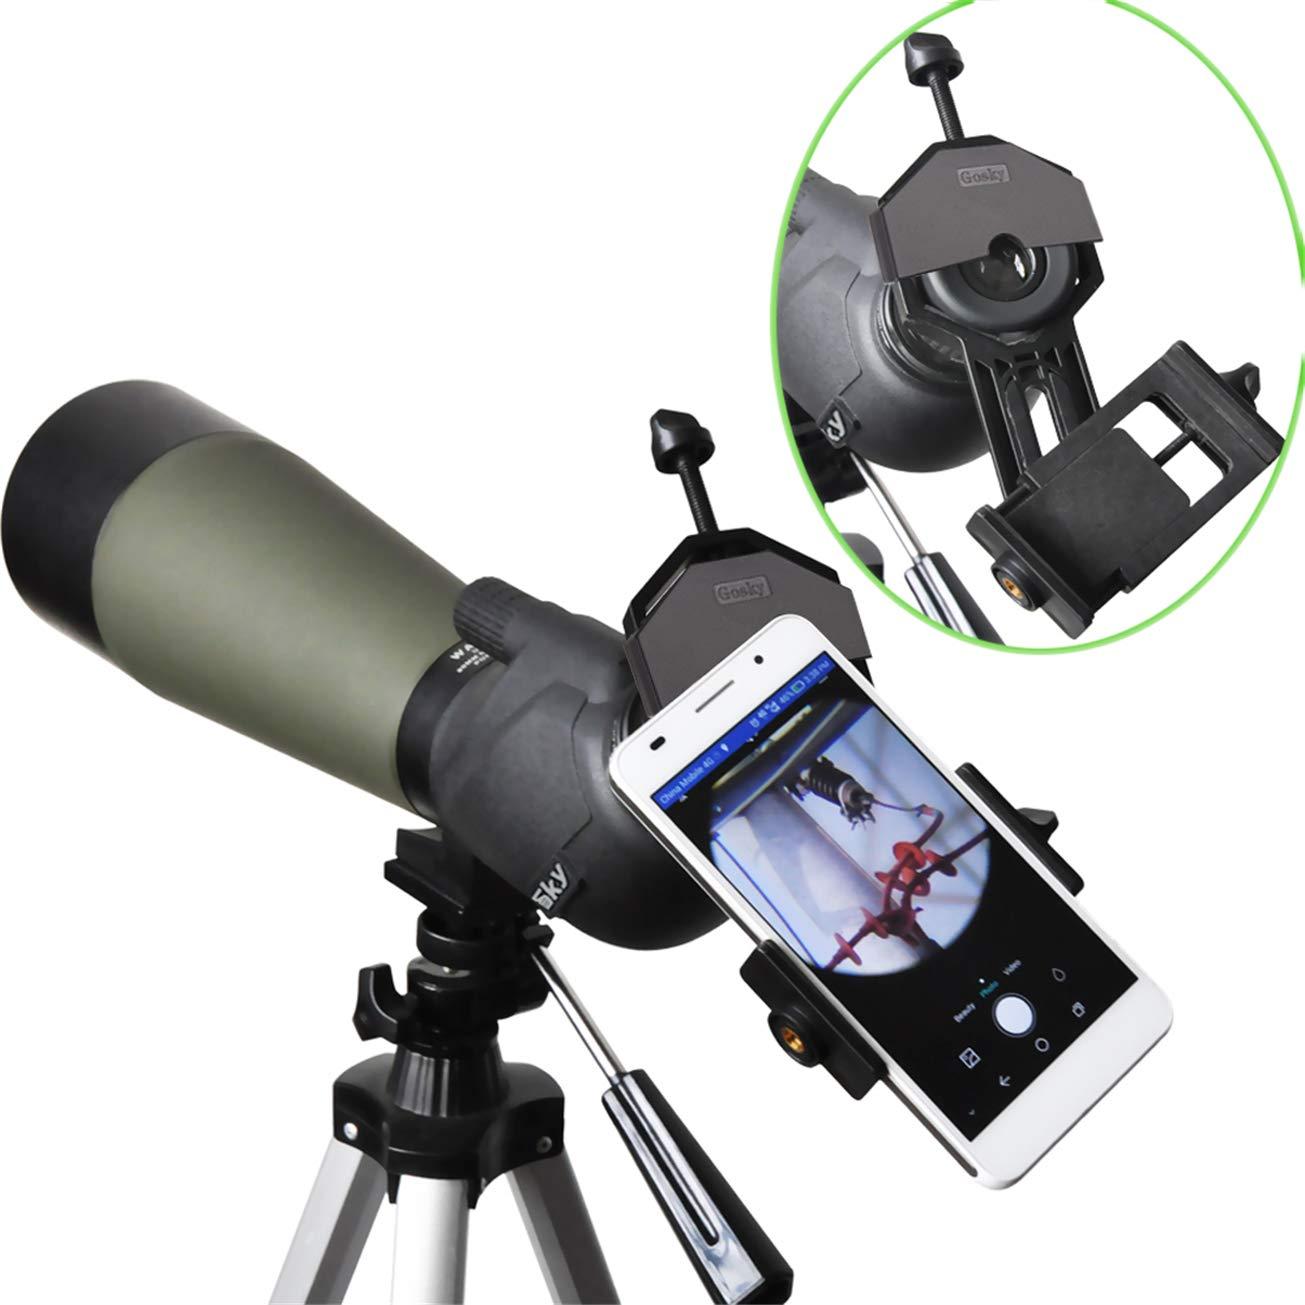 Gosky universal telefone celular adaptador de montagem-compatível